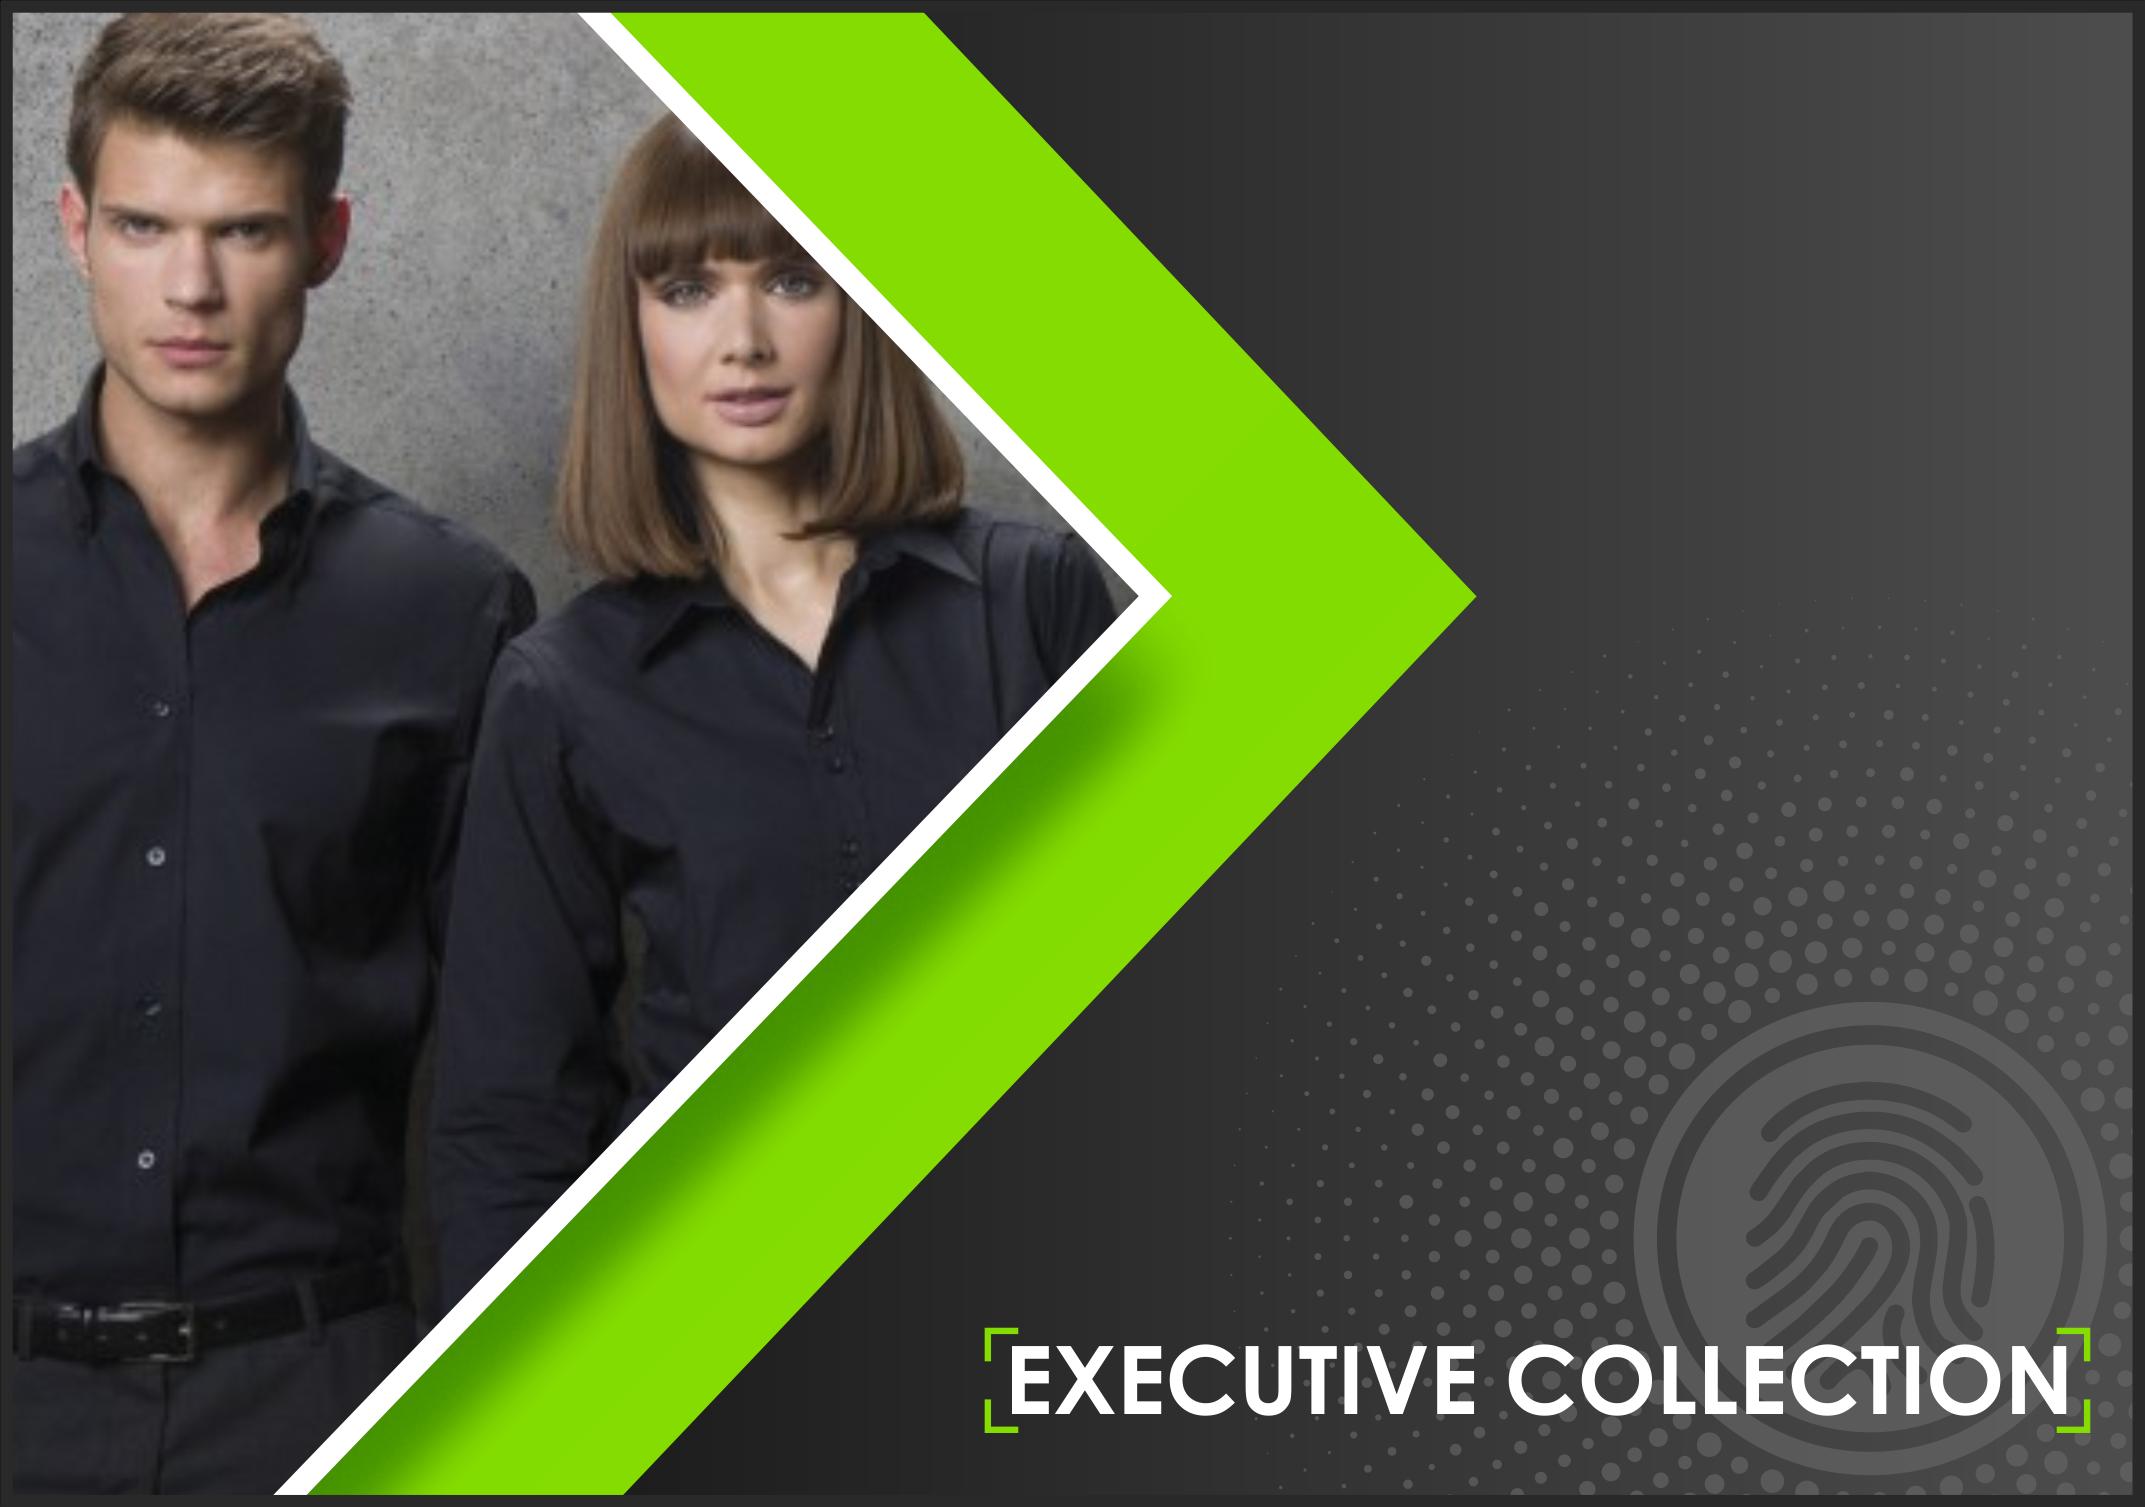 Executive Collection 1.0